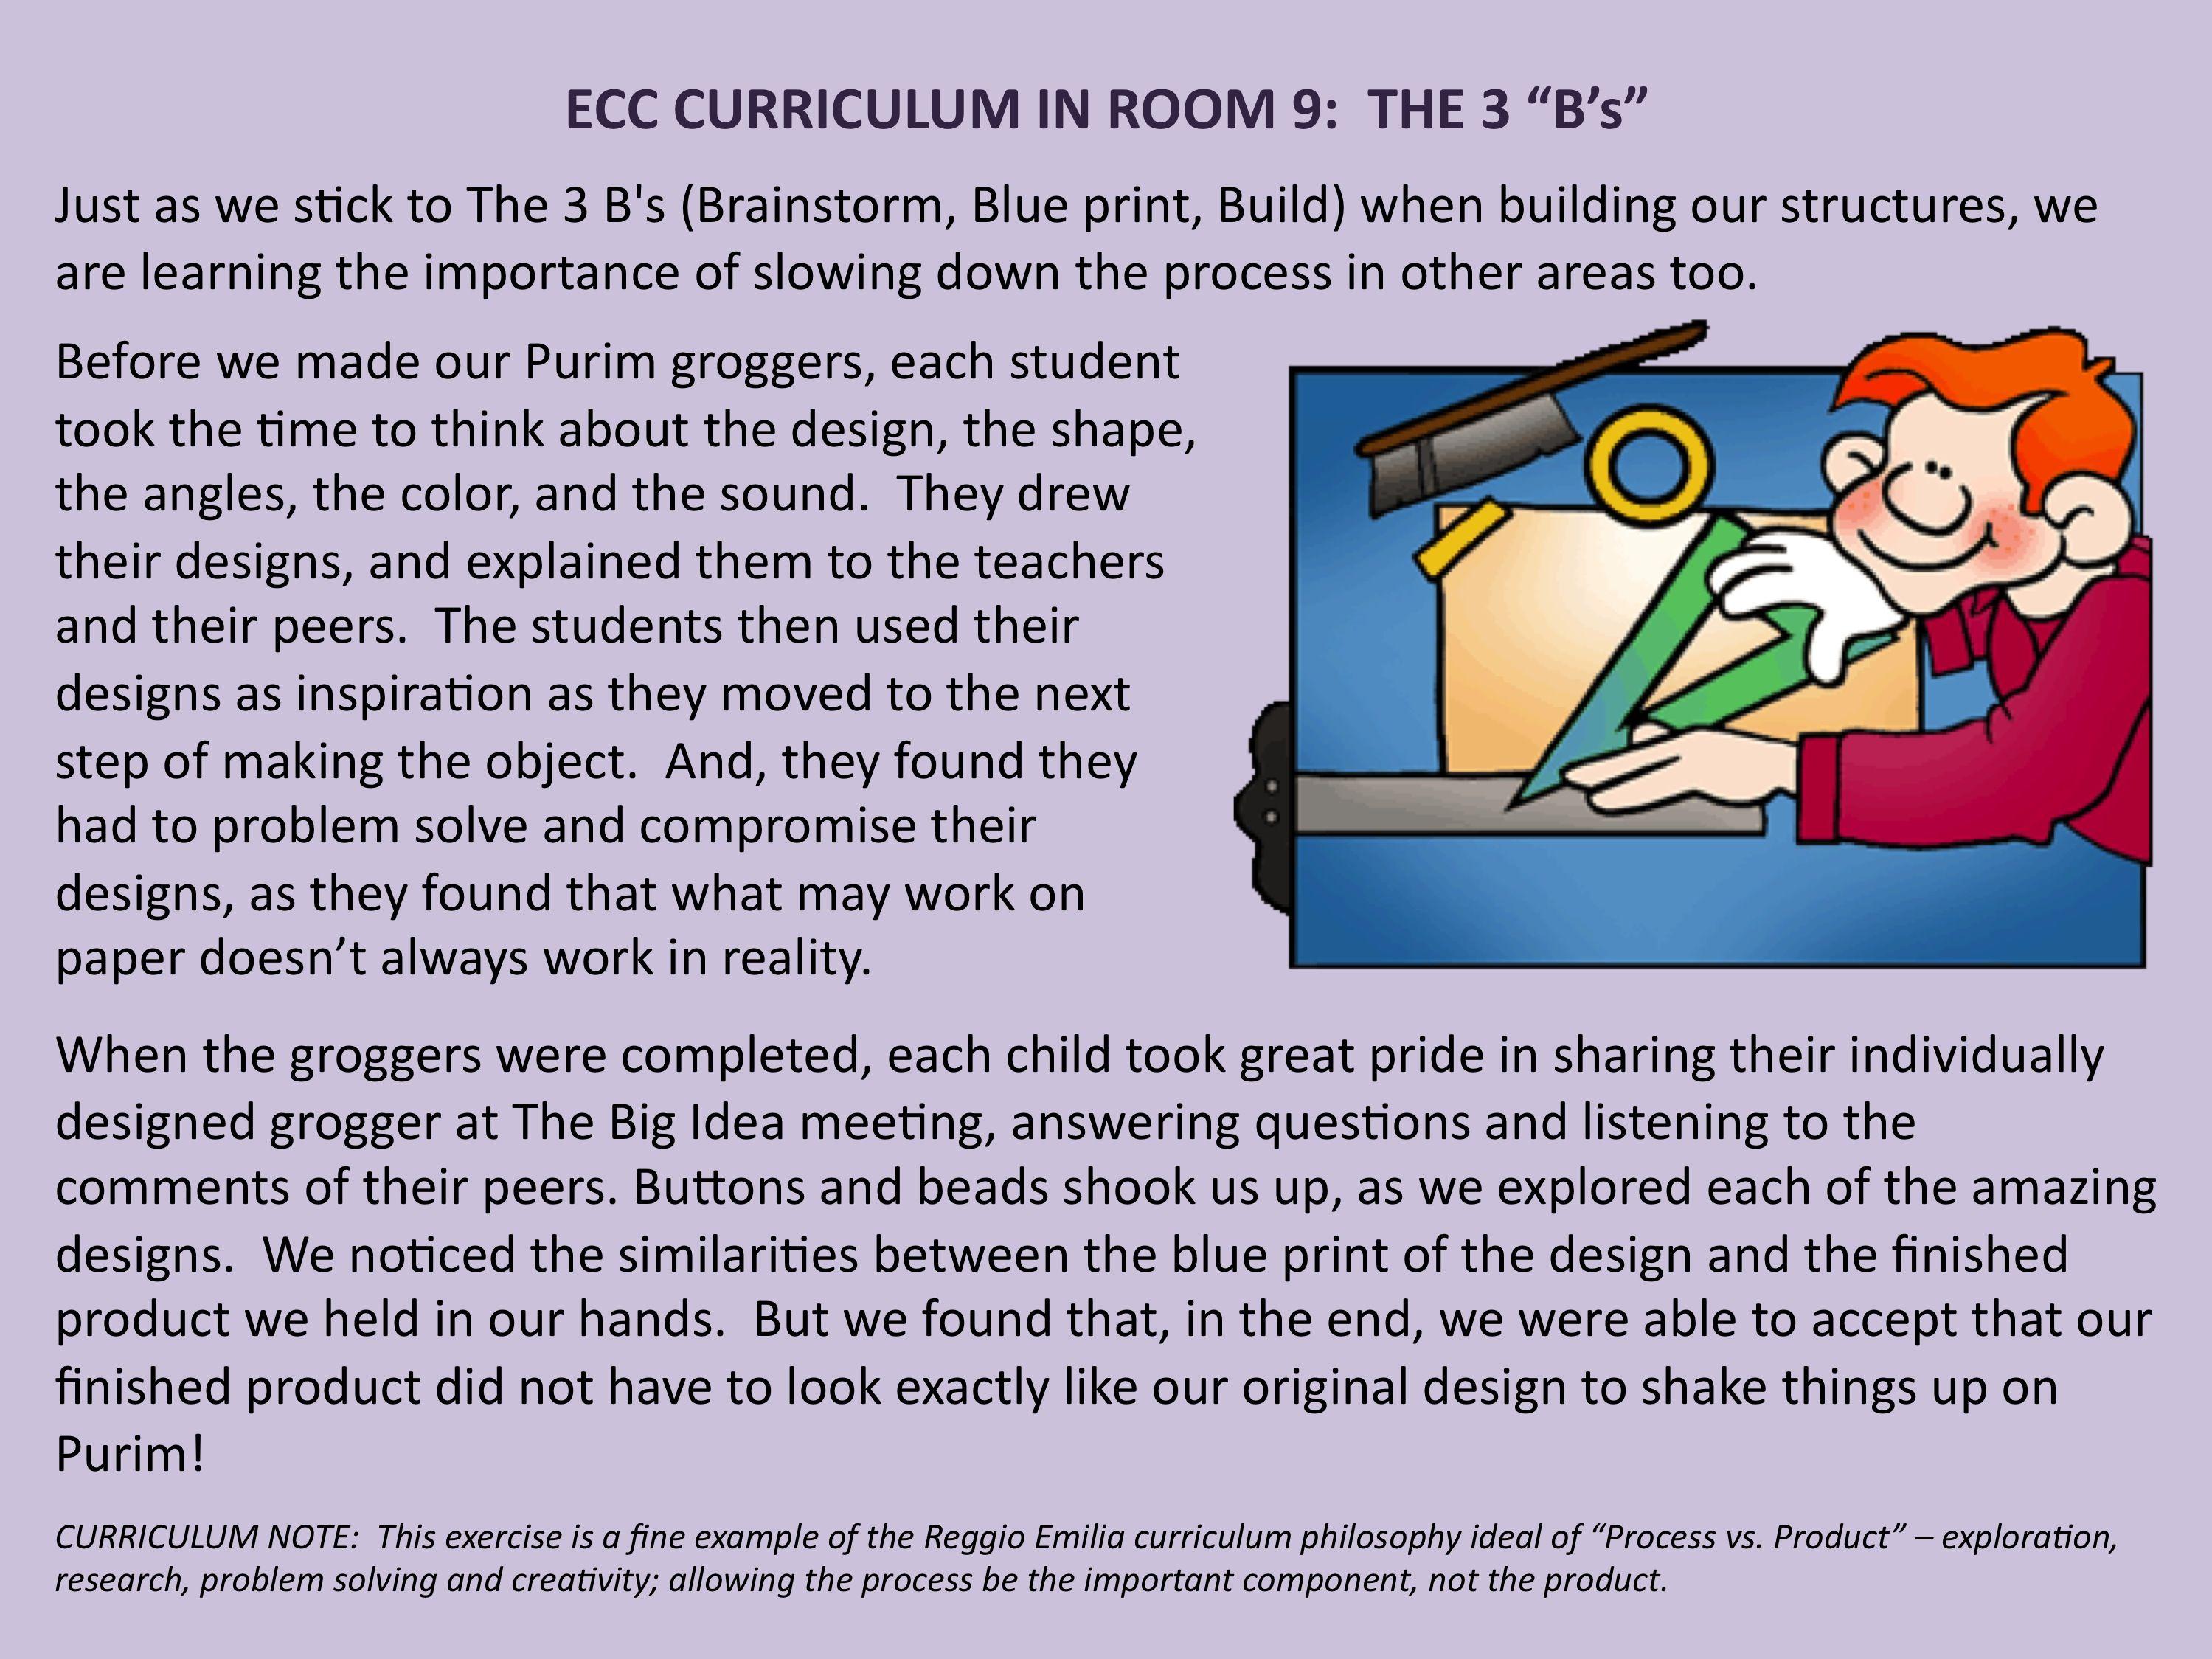 Ecc Curriculum In Room 9 Reggio S Process Vs Product Highlighted